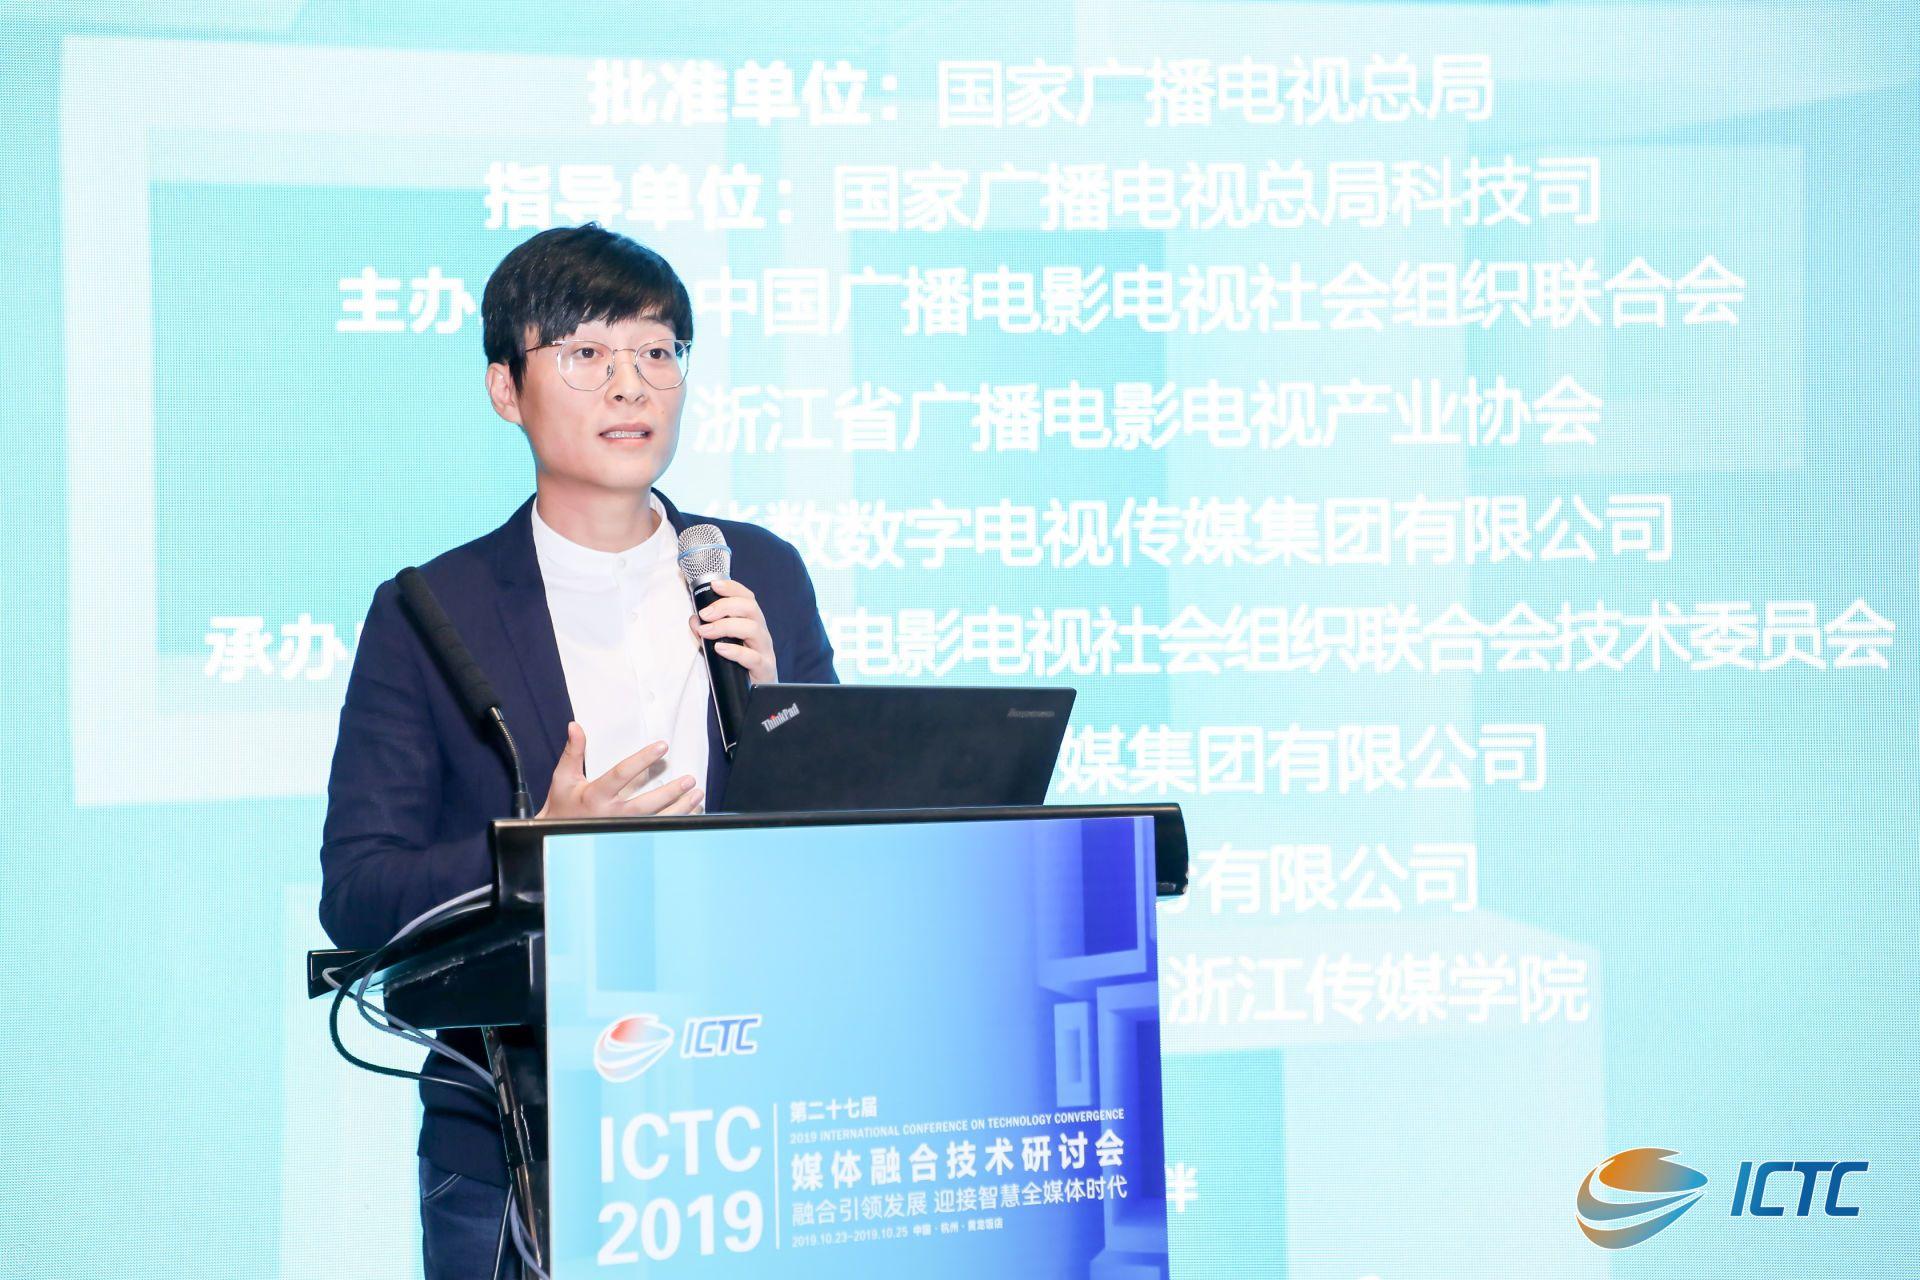 江门广电有线宽带网_【ICTC2019】刘丹:浅析四川广电宽带发展运营策略